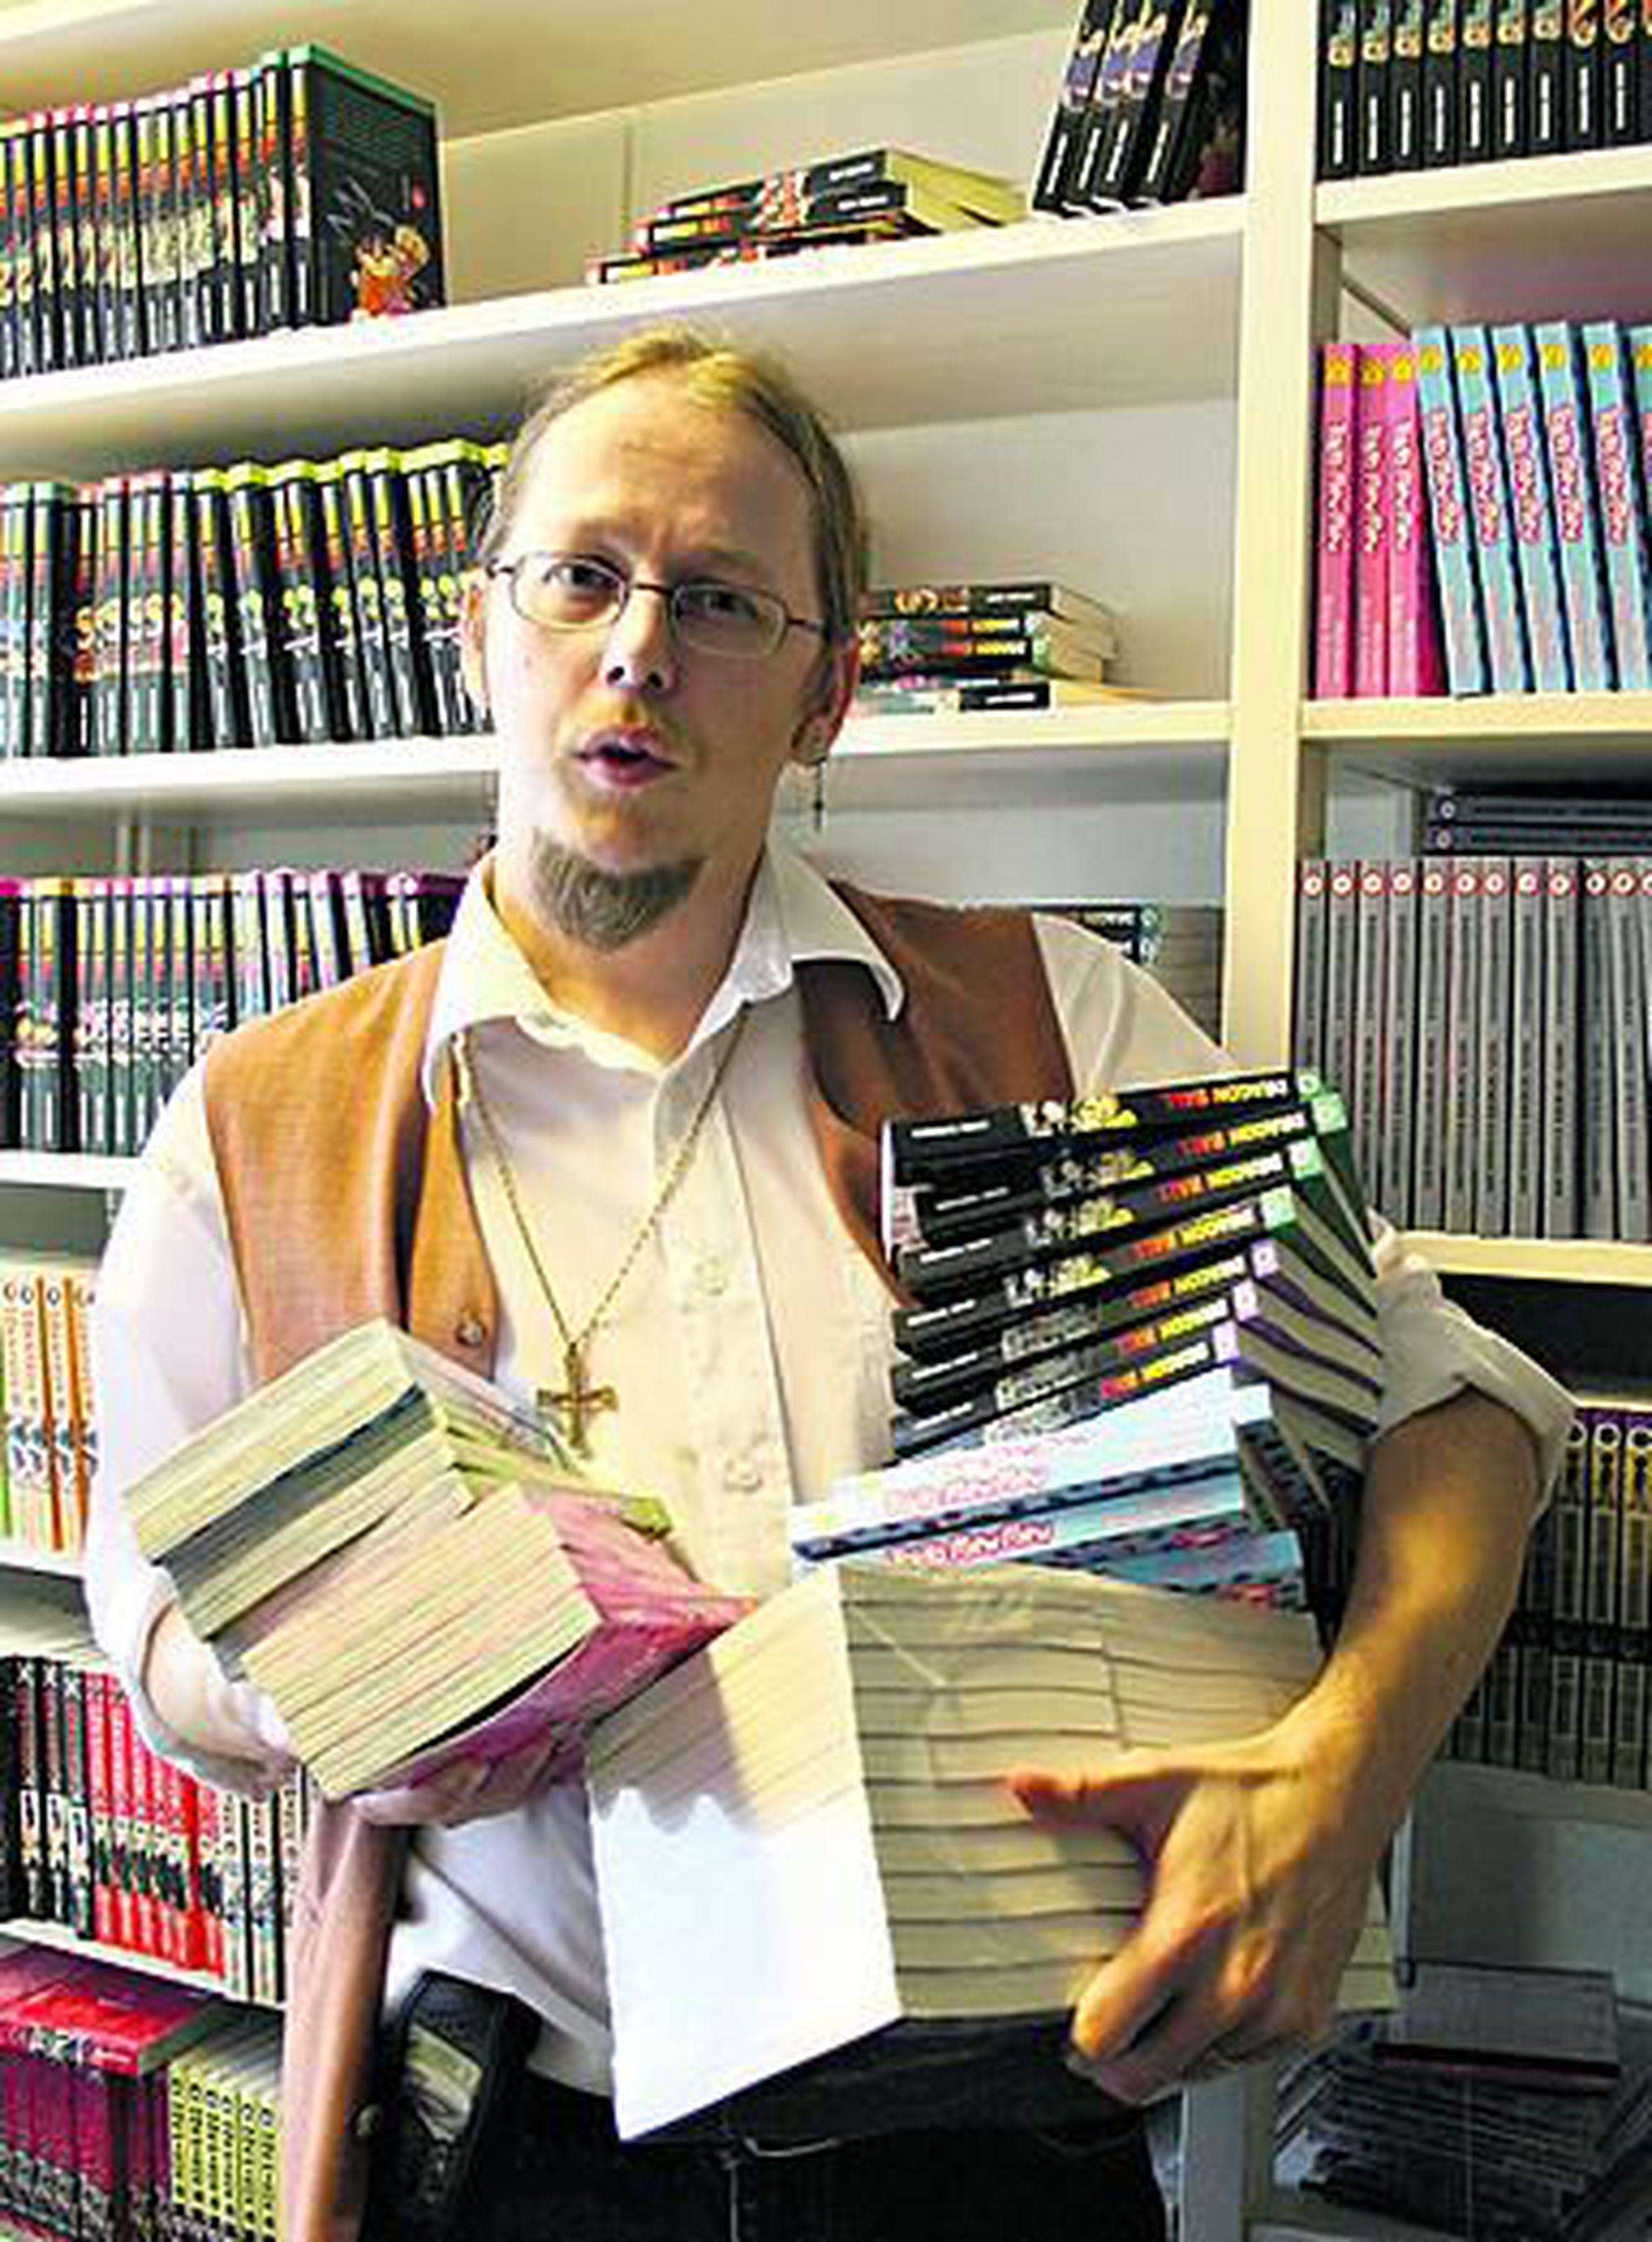 Antti Valkama